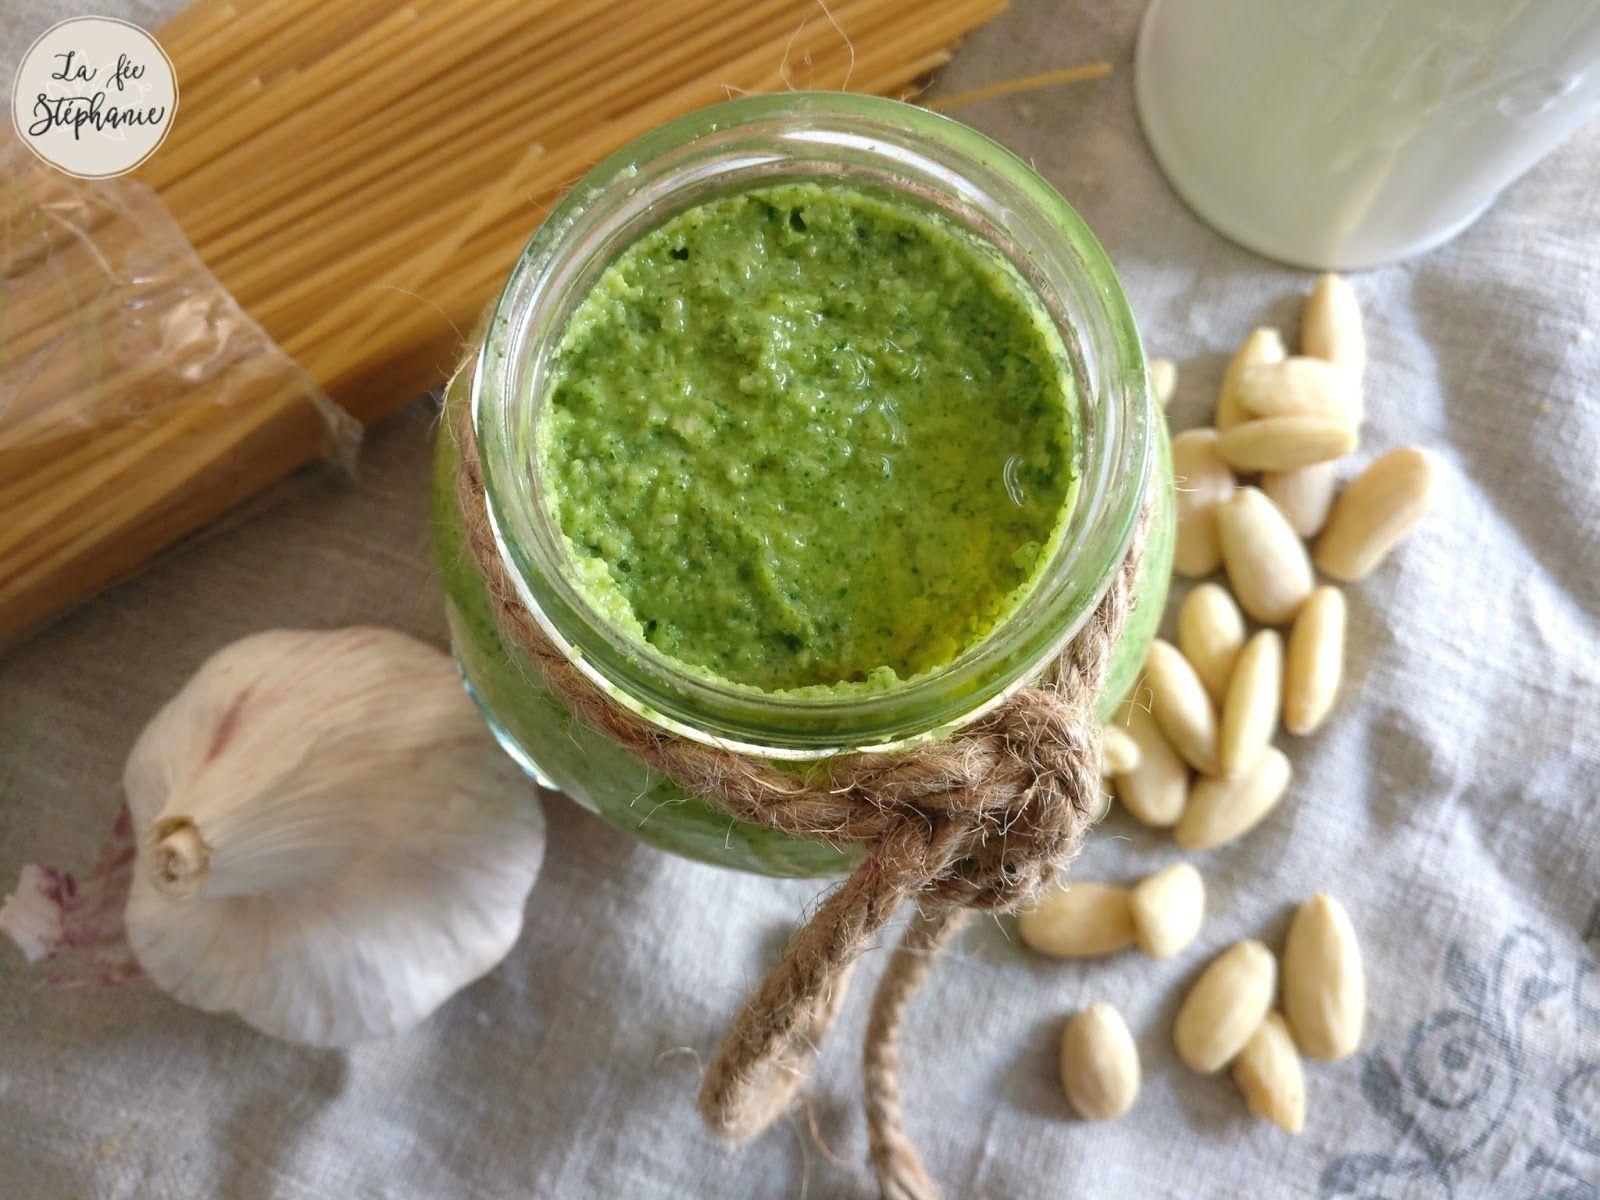 Comment faire manger avec plaisir des brocolis aux enfants d couvrez la recette du pesto de - Comment couper la faim sans manger ...